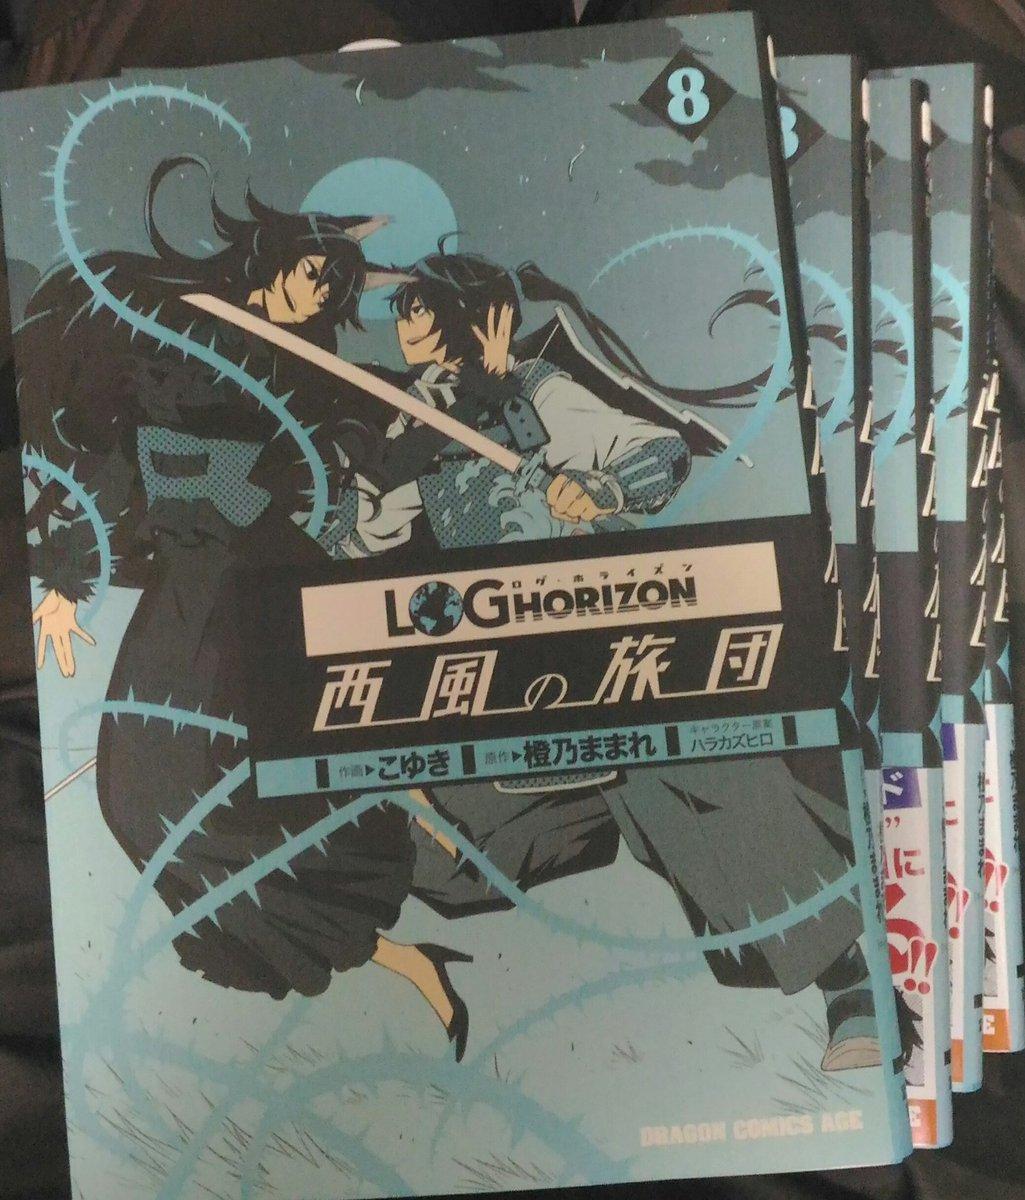 8巻献本とどいた。10月8日発売です。特典はアニメイト、とらのあな、ワンダーグーでお買い上げのさいに付く予定です。 #l